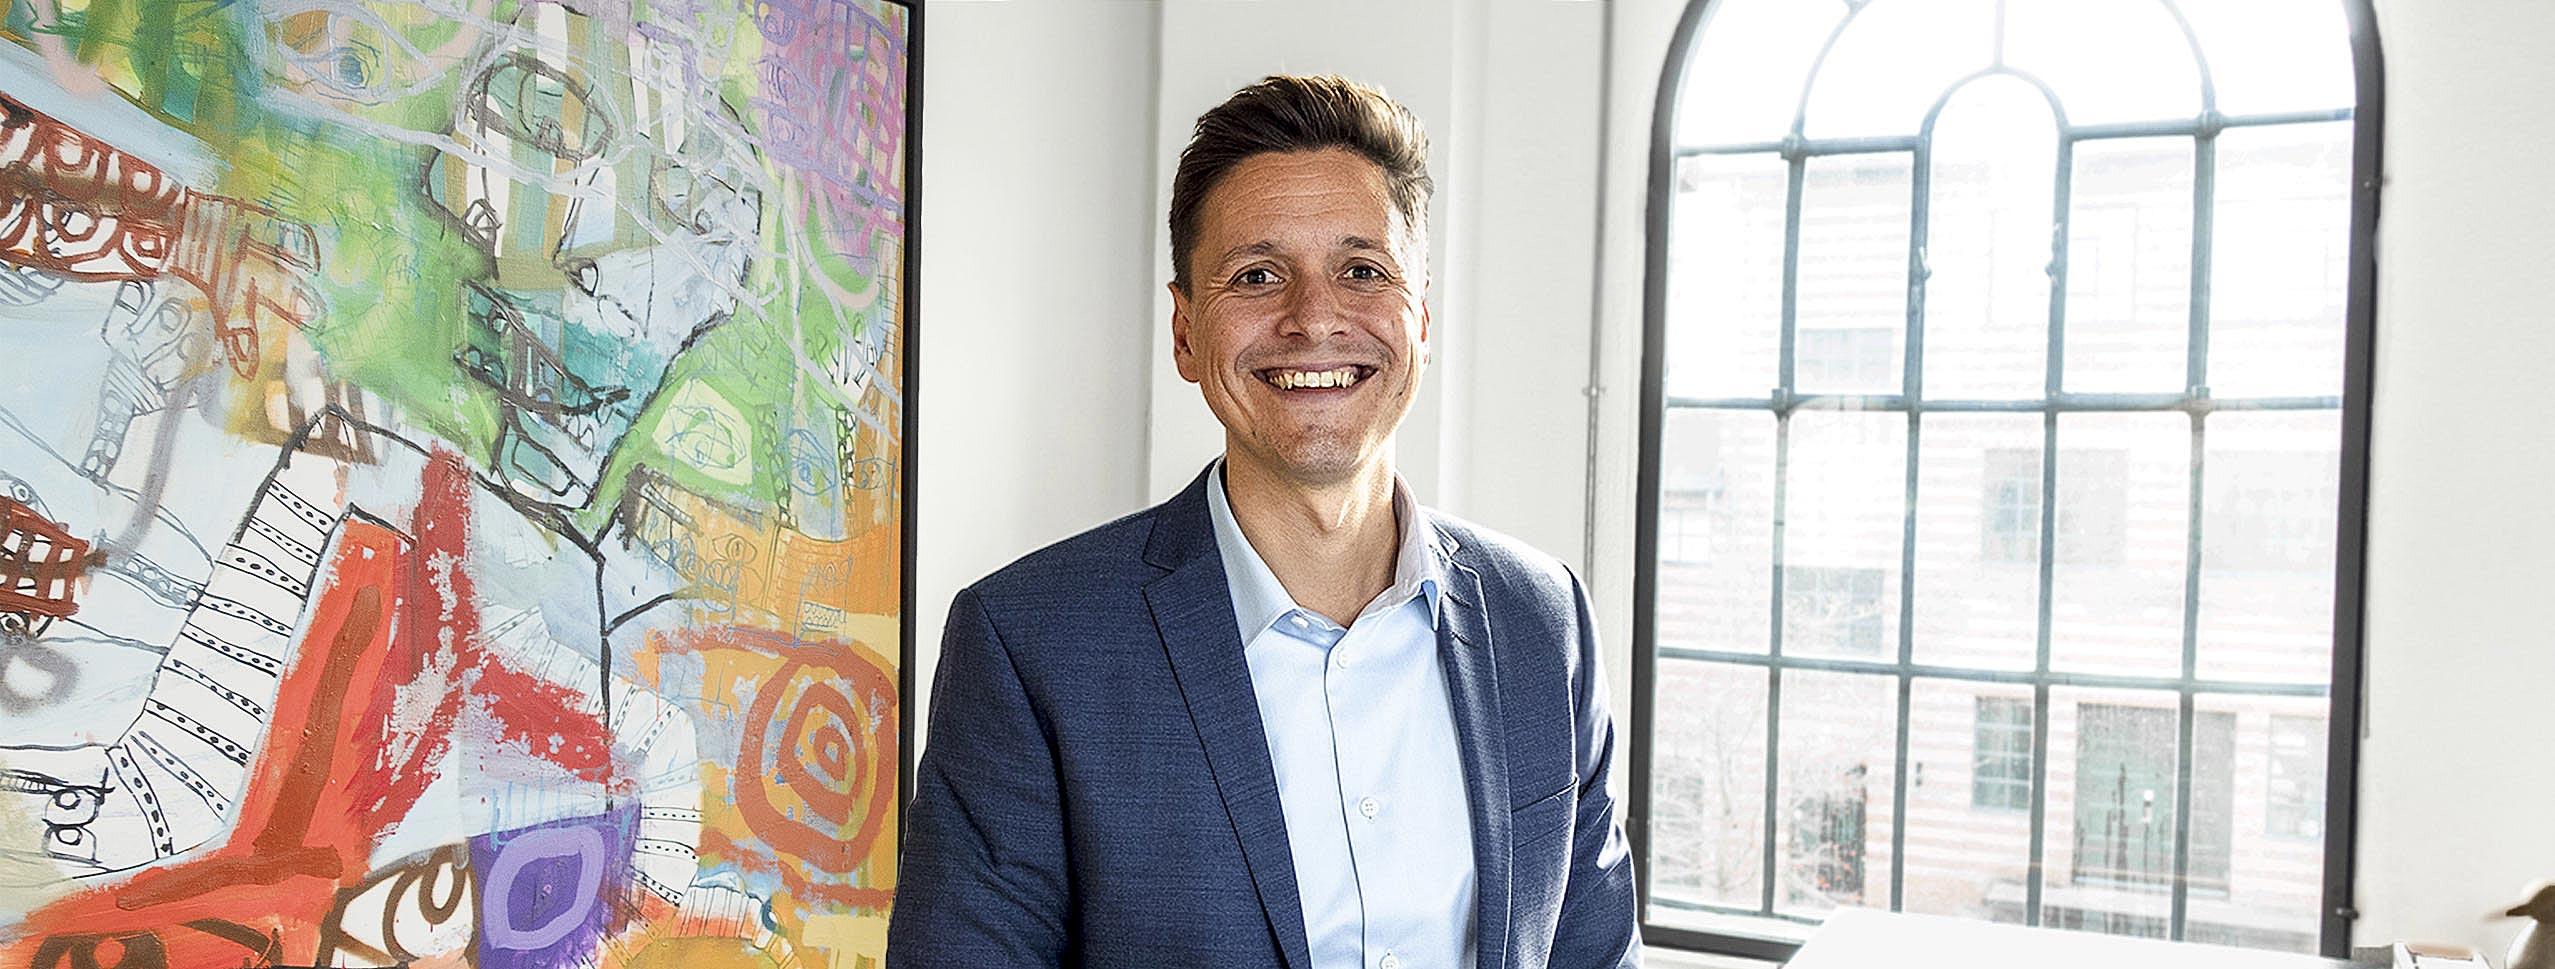 Søren Merrild Bie advokatgruppen partner selskabsret erhvervsret